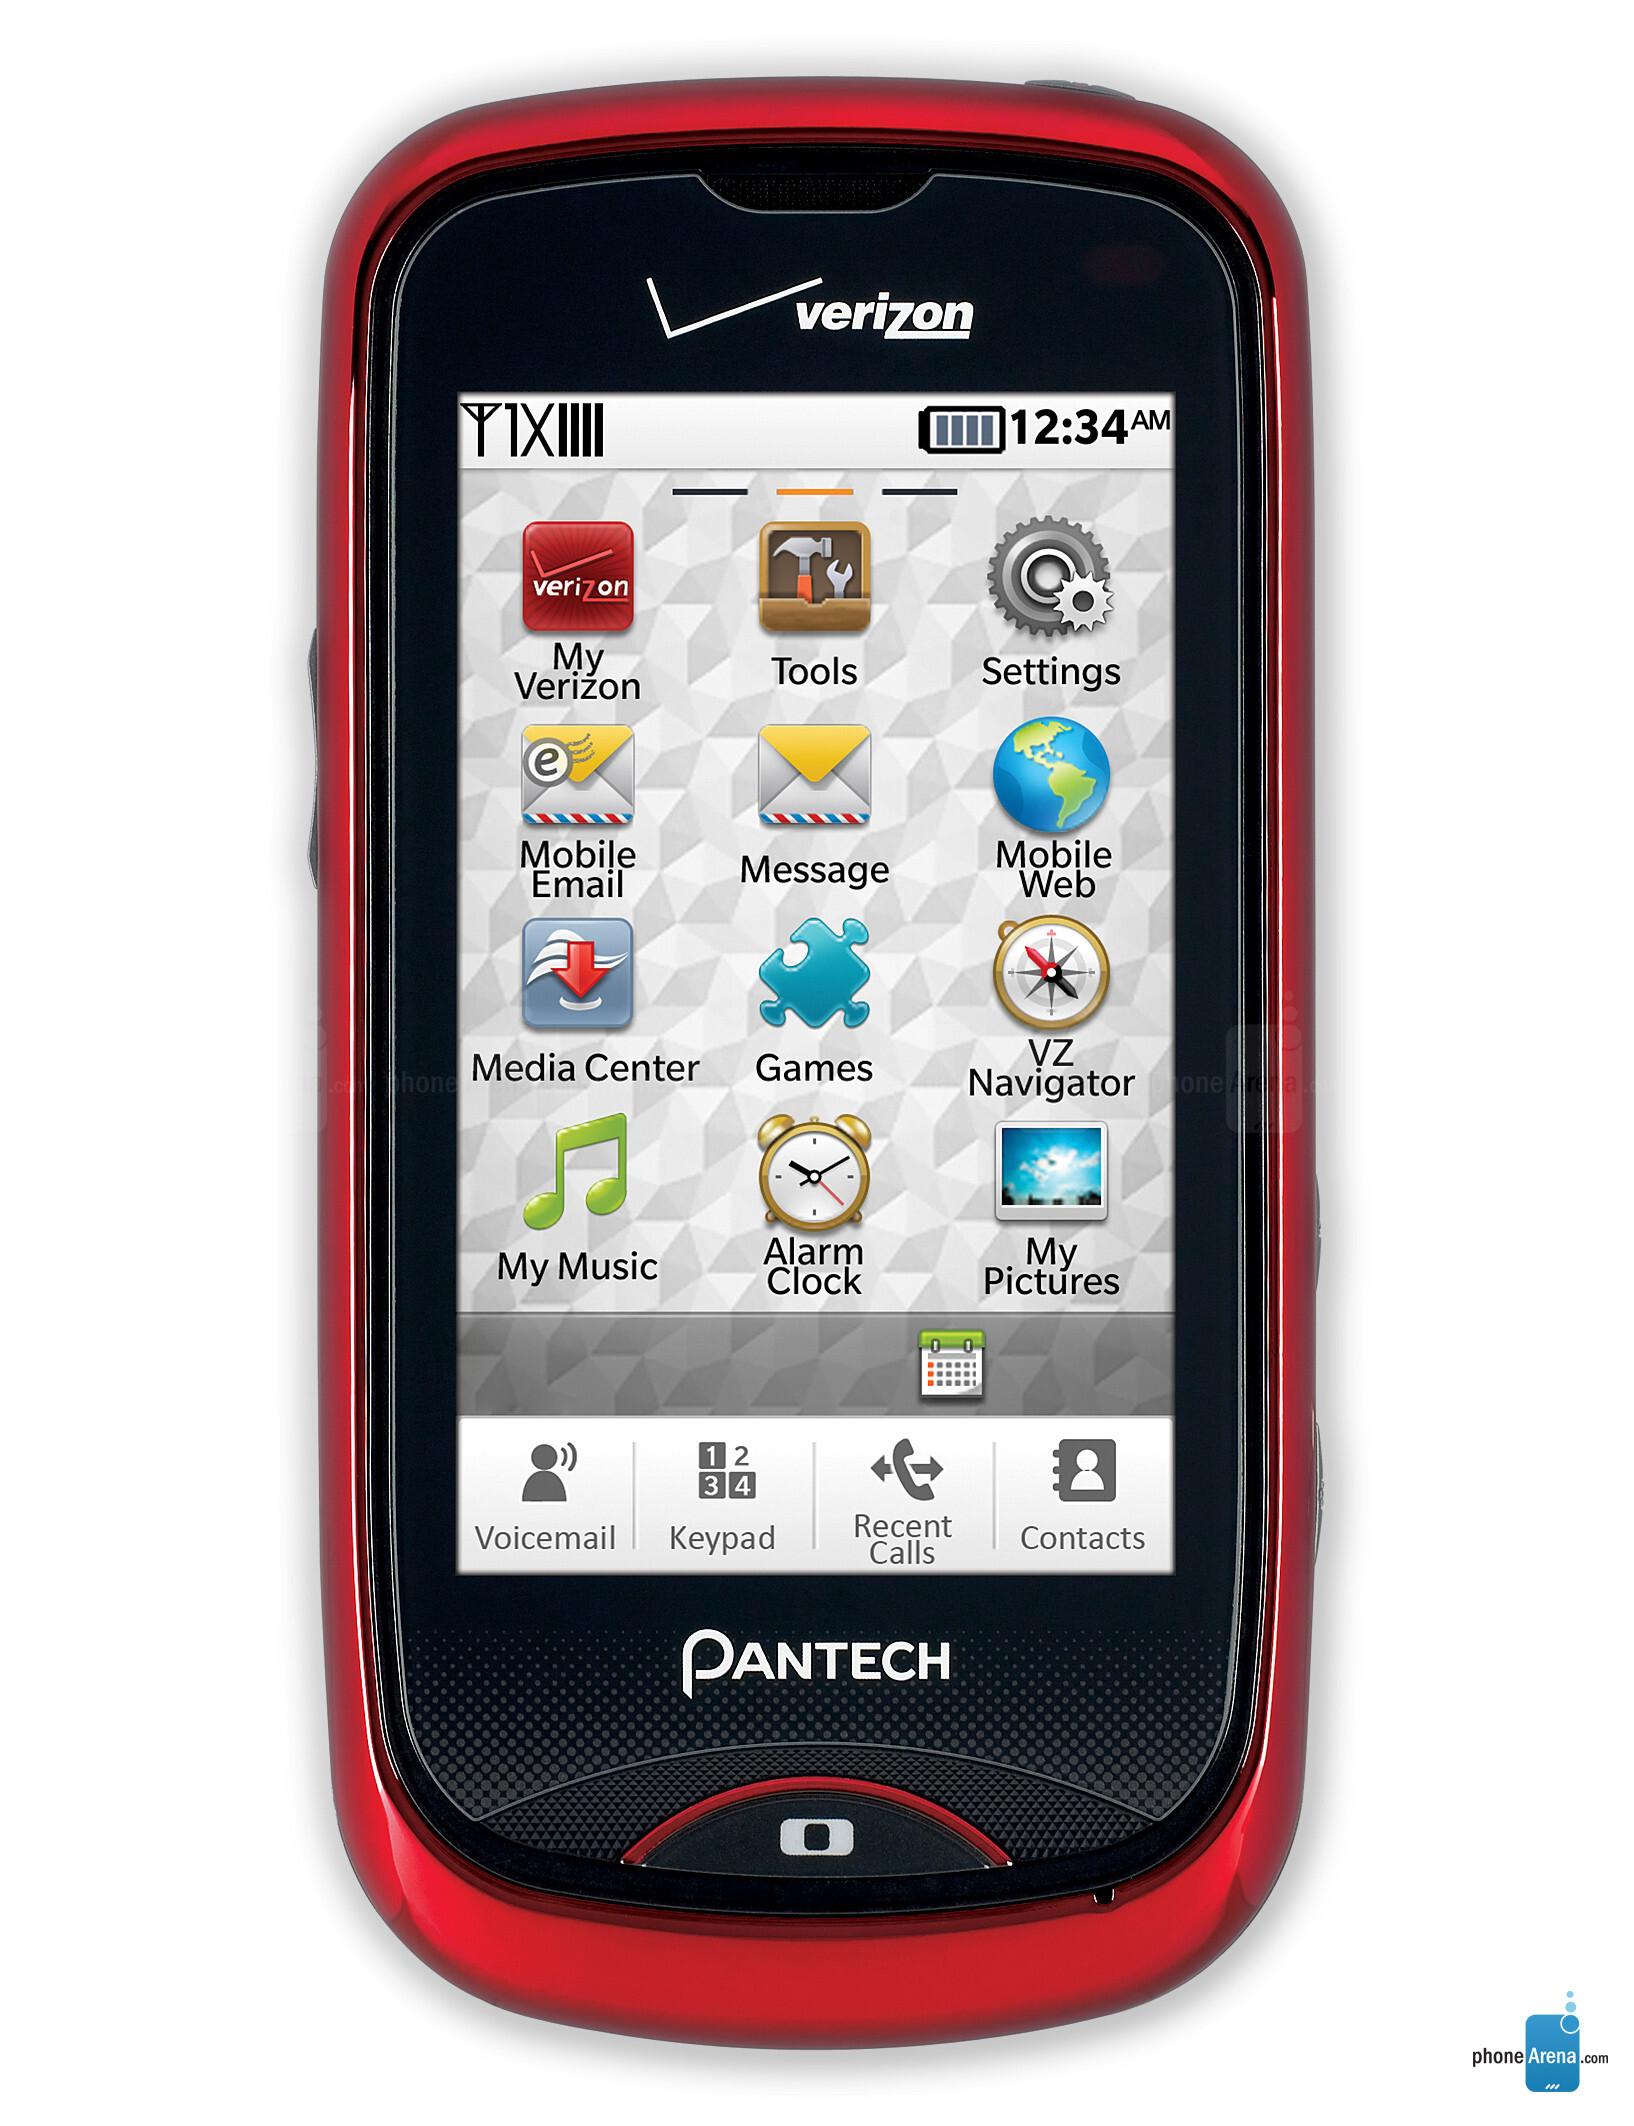 pantech hotshot photos rh phonearena com Pantech Cell Phone Manual verizon pantech user manual